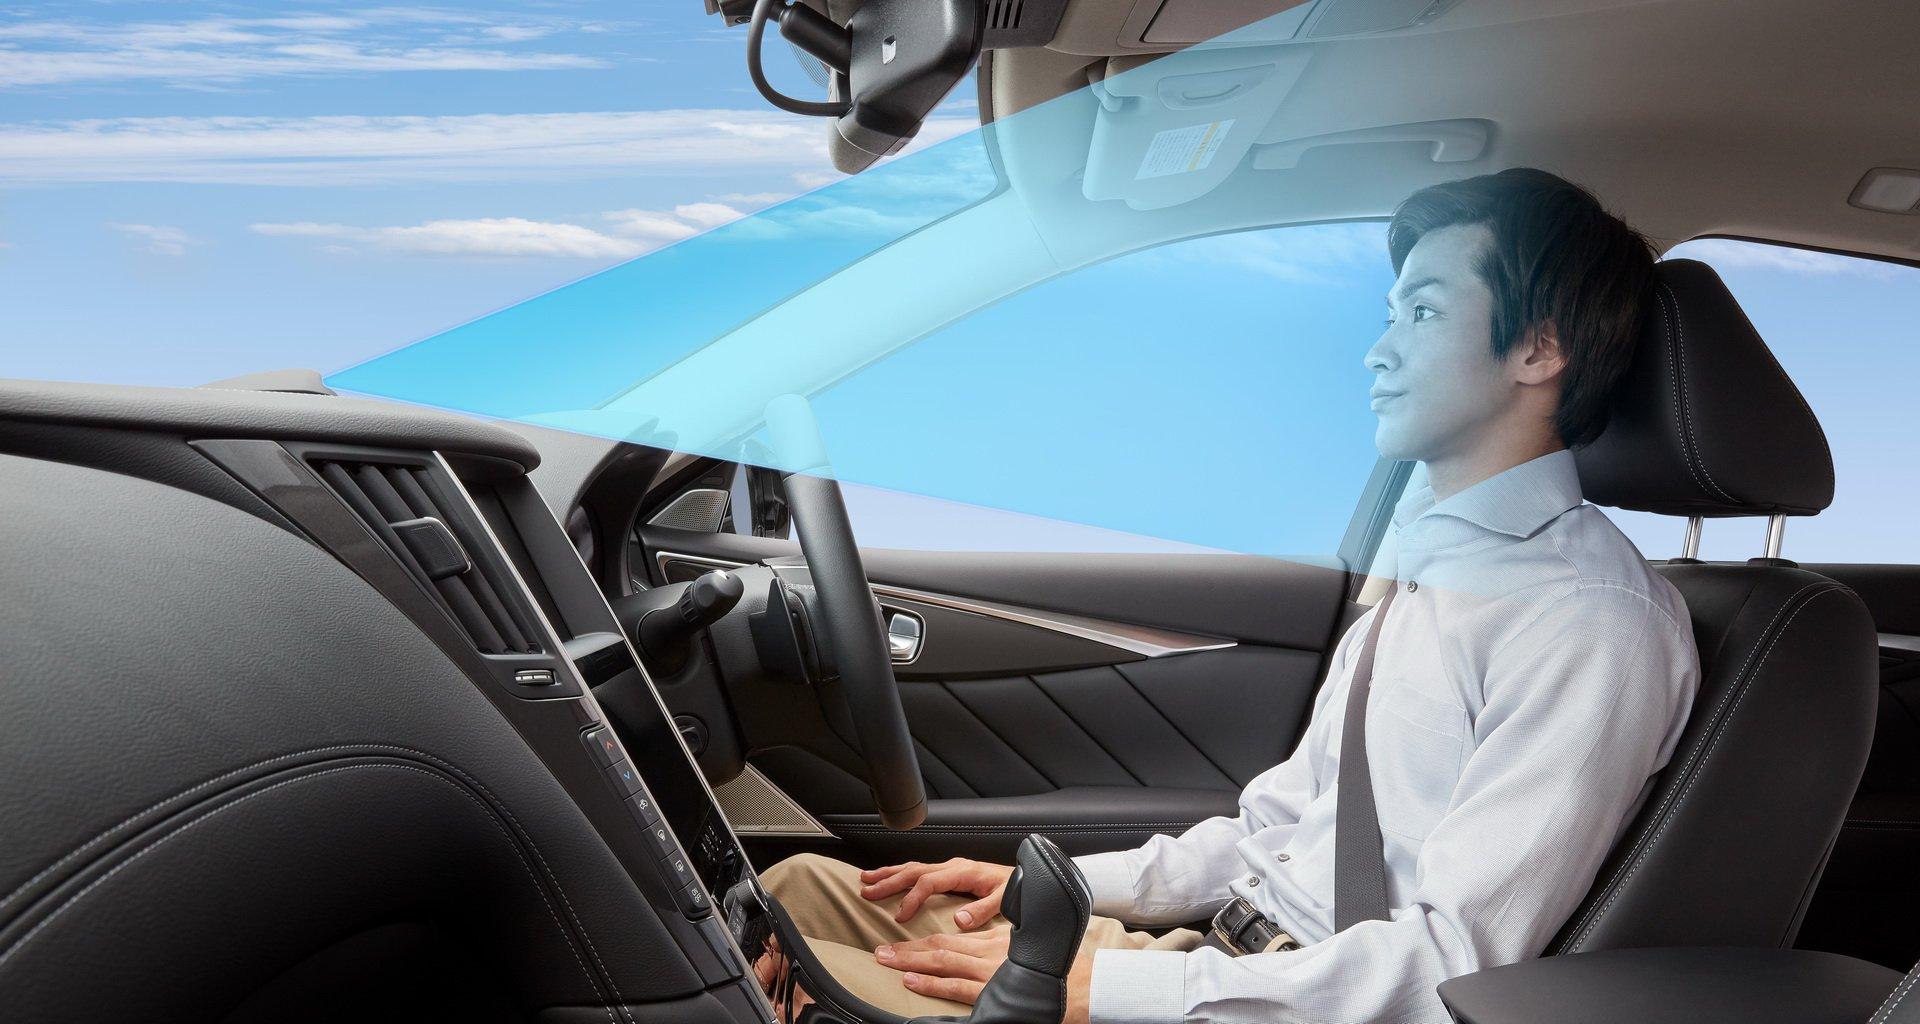 Nissan phát triển công nghệ xe tự lái ProPILOT 2.0 - 1